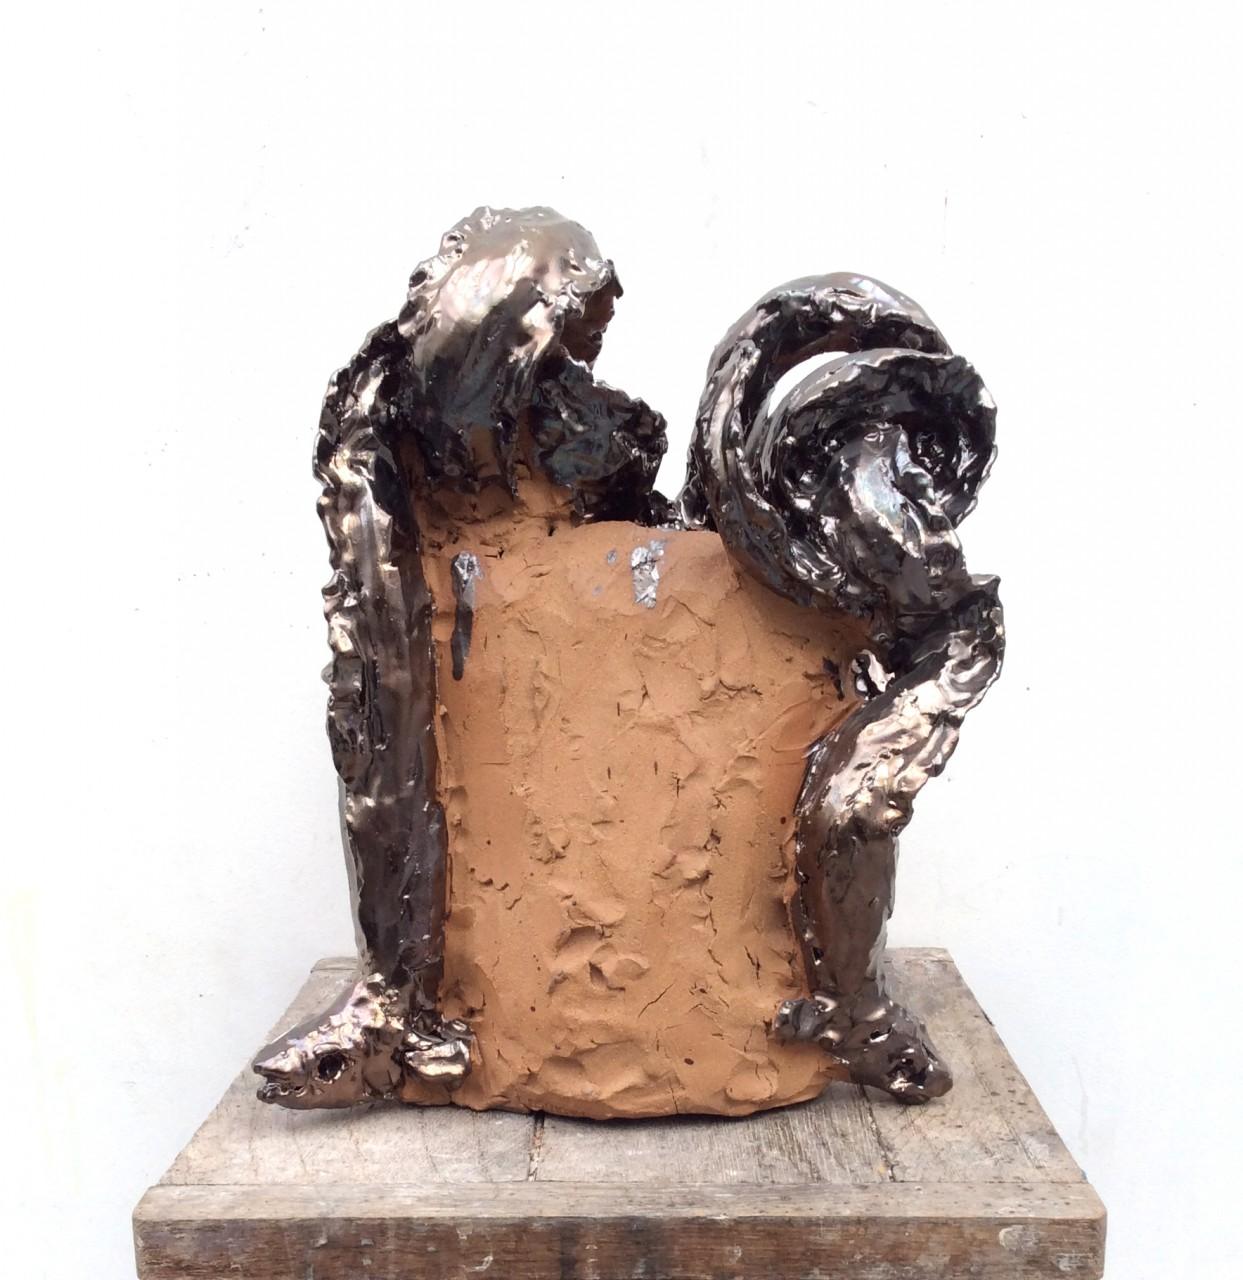 vase-ceramique-dedans-la-mer-laurent-esquerre-4